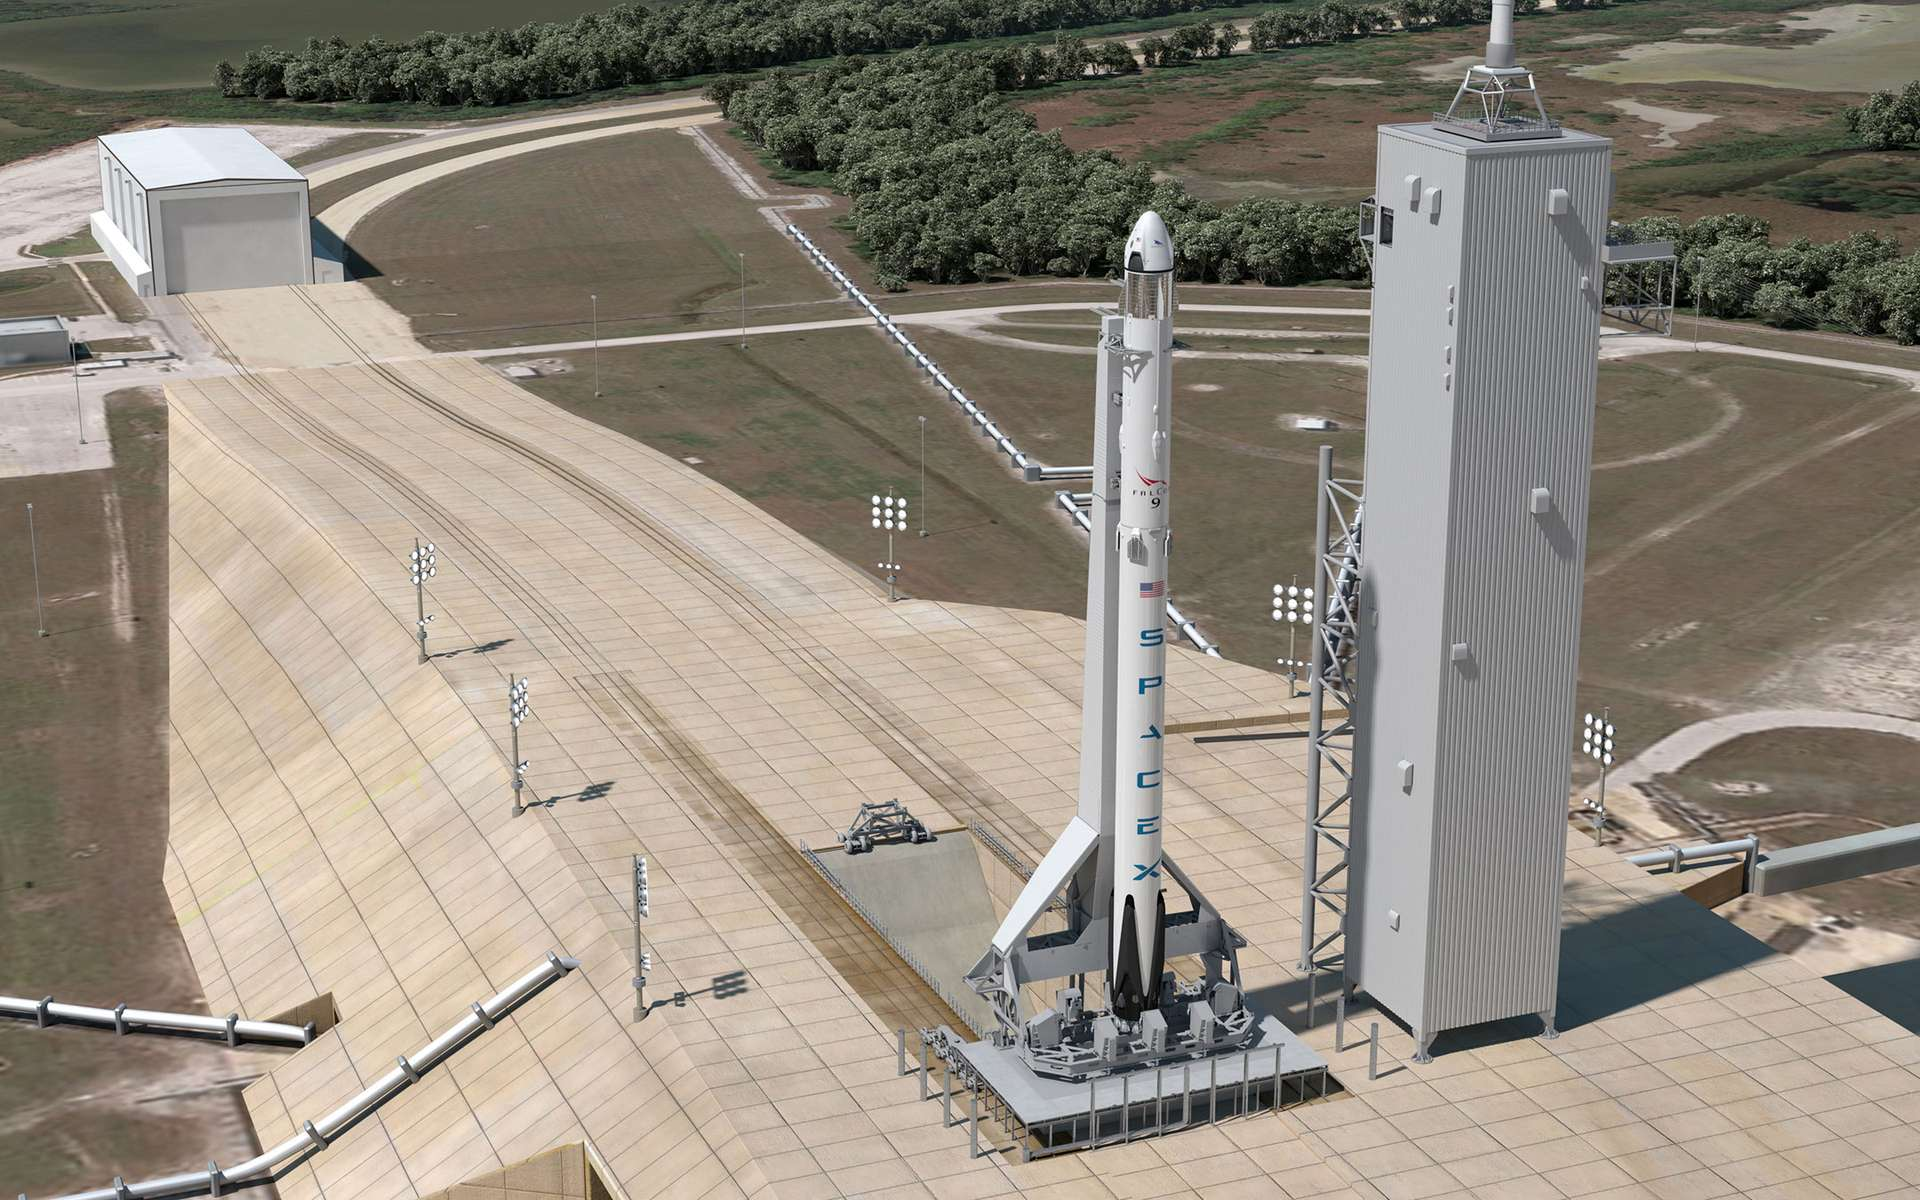 La version habitée du système de lancement Falcon 9 de SpaceX dont un important essai d'éjection d'urgence de la capsule est prévu cette année. © SpaceX